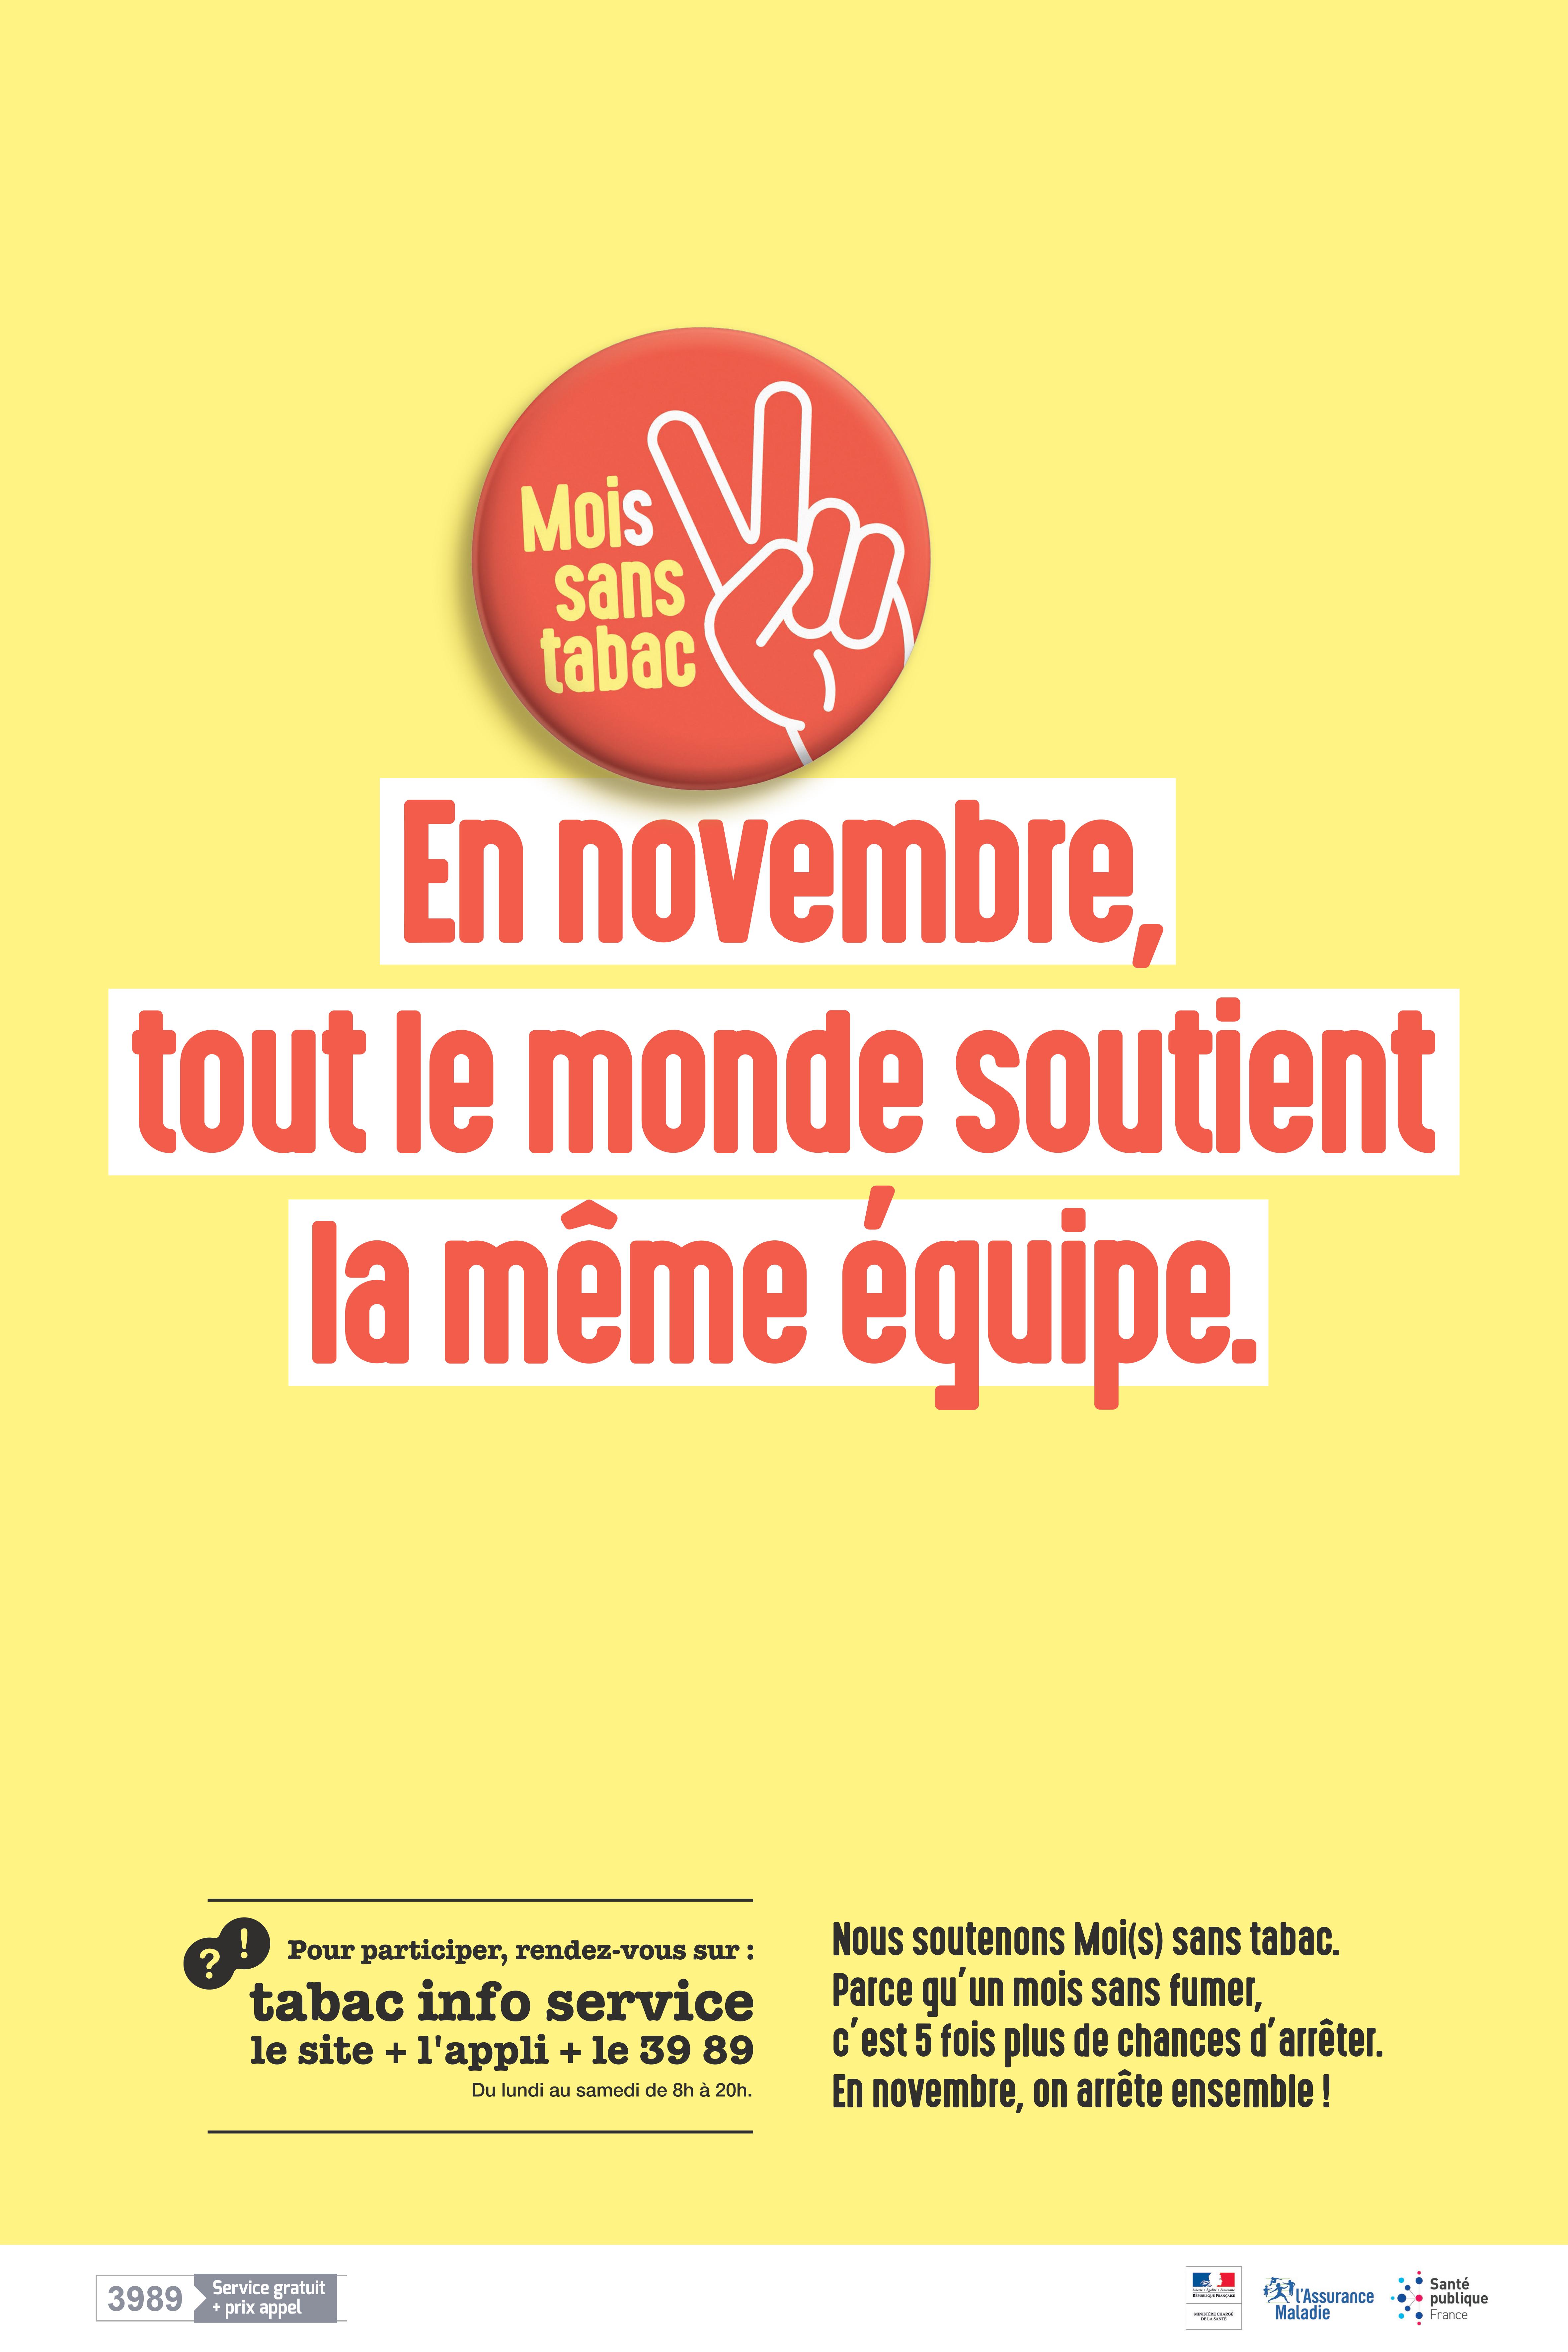 en-novembre-tout-le-monde-soutient-la-meme-equipe